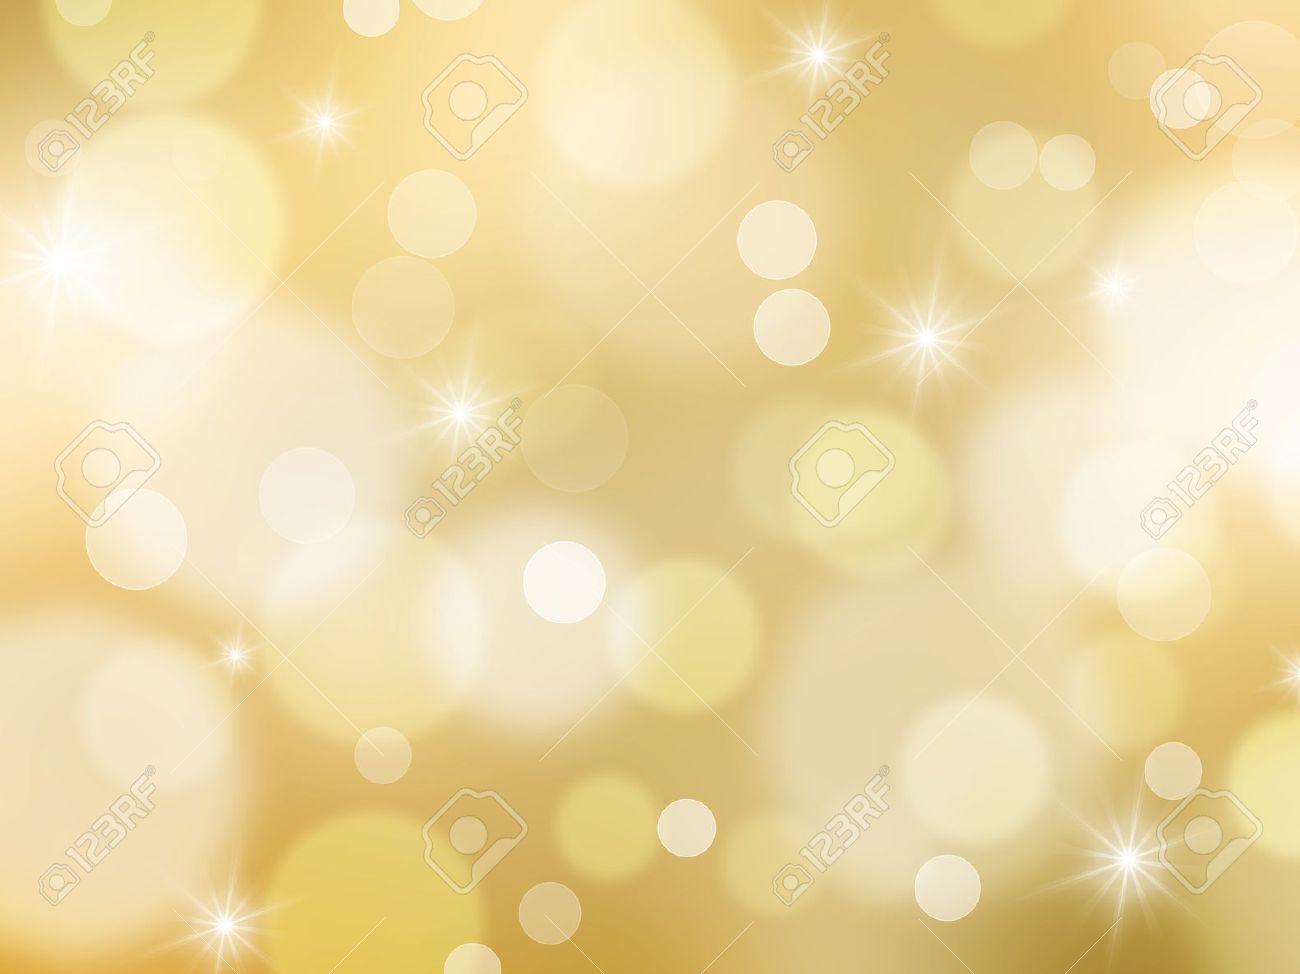 light golden background -#main